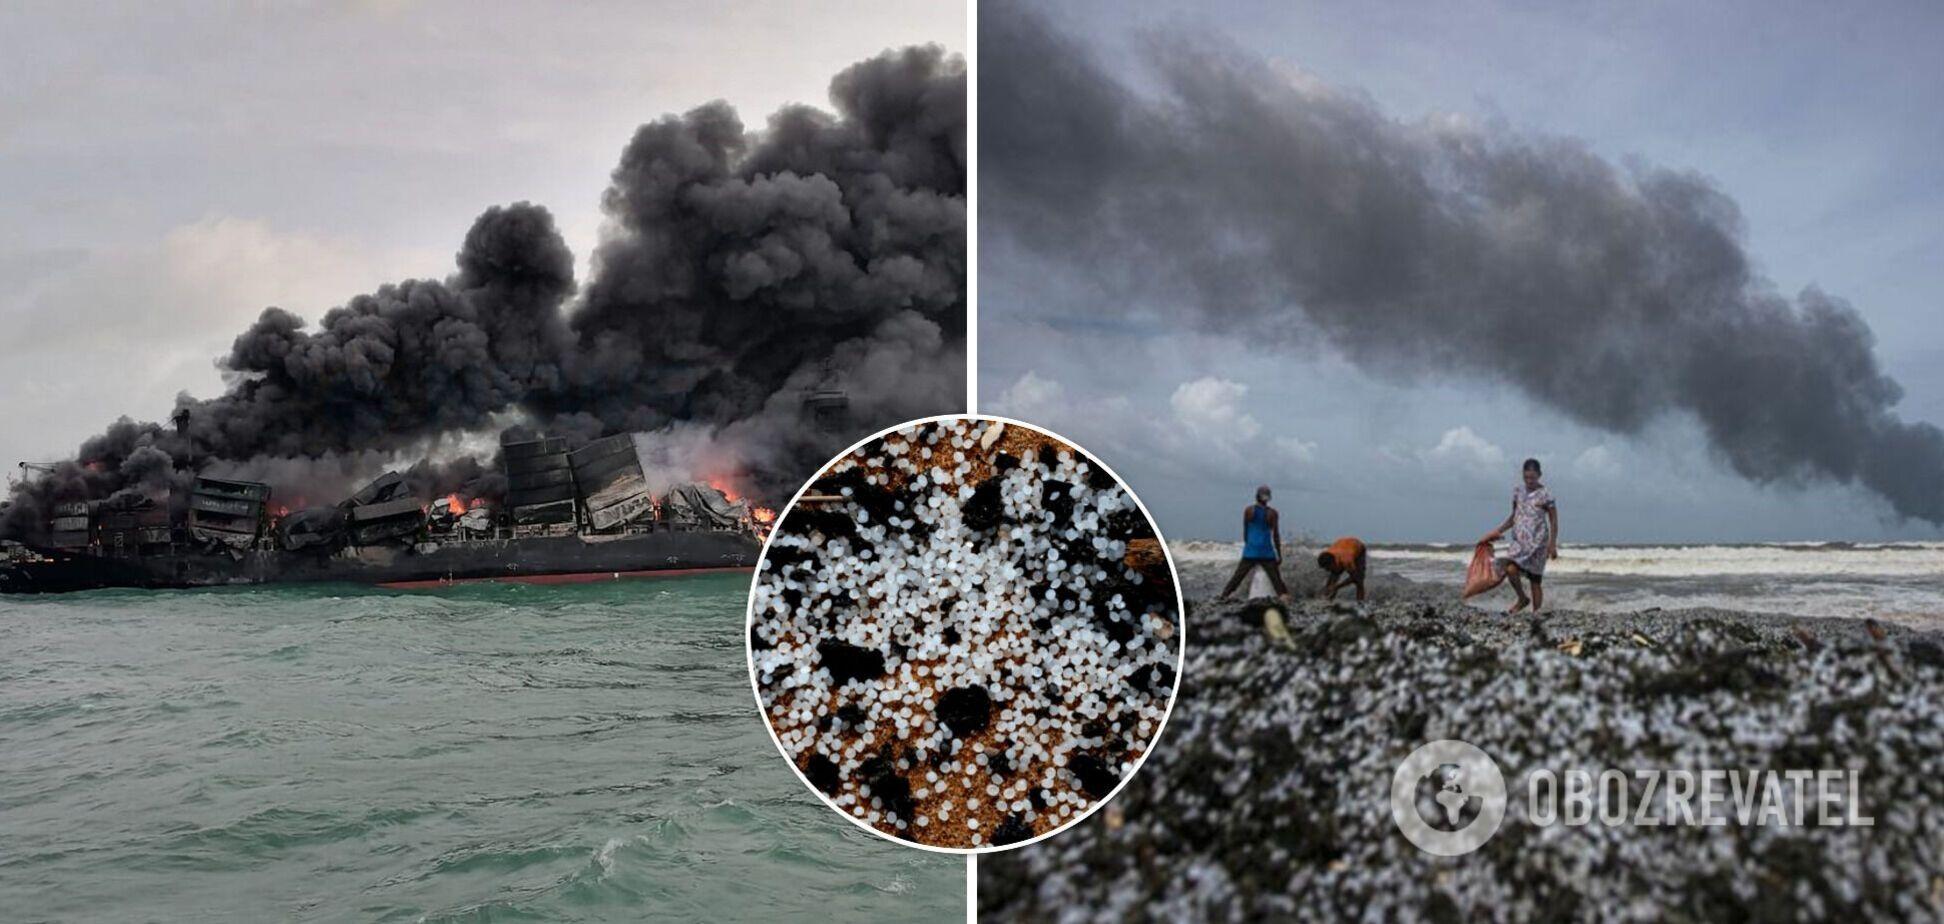 На Шрі-Ланці пожежа на судні влаштувала найбільше забруднення в історії. Фото